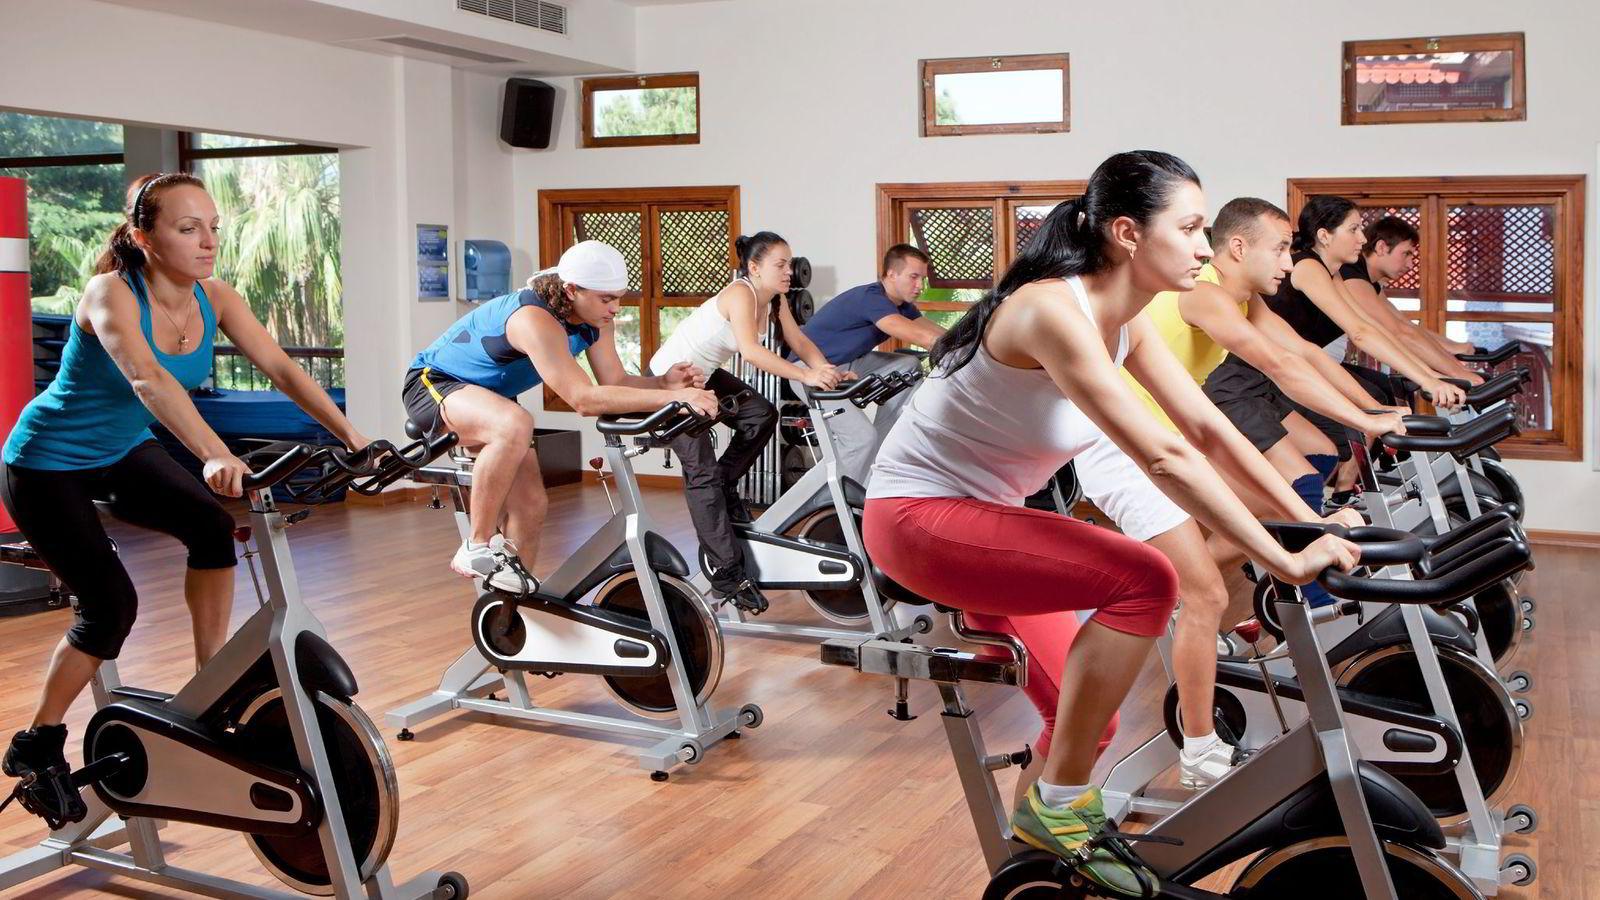 SPINNING er enn så lenge fortsatt et registrert varemerke i Norge, men ordet har nok for lengst gått inn i dagligtalen som en generell betegnelse for treningsformen, skriver artikkelforfatteren.